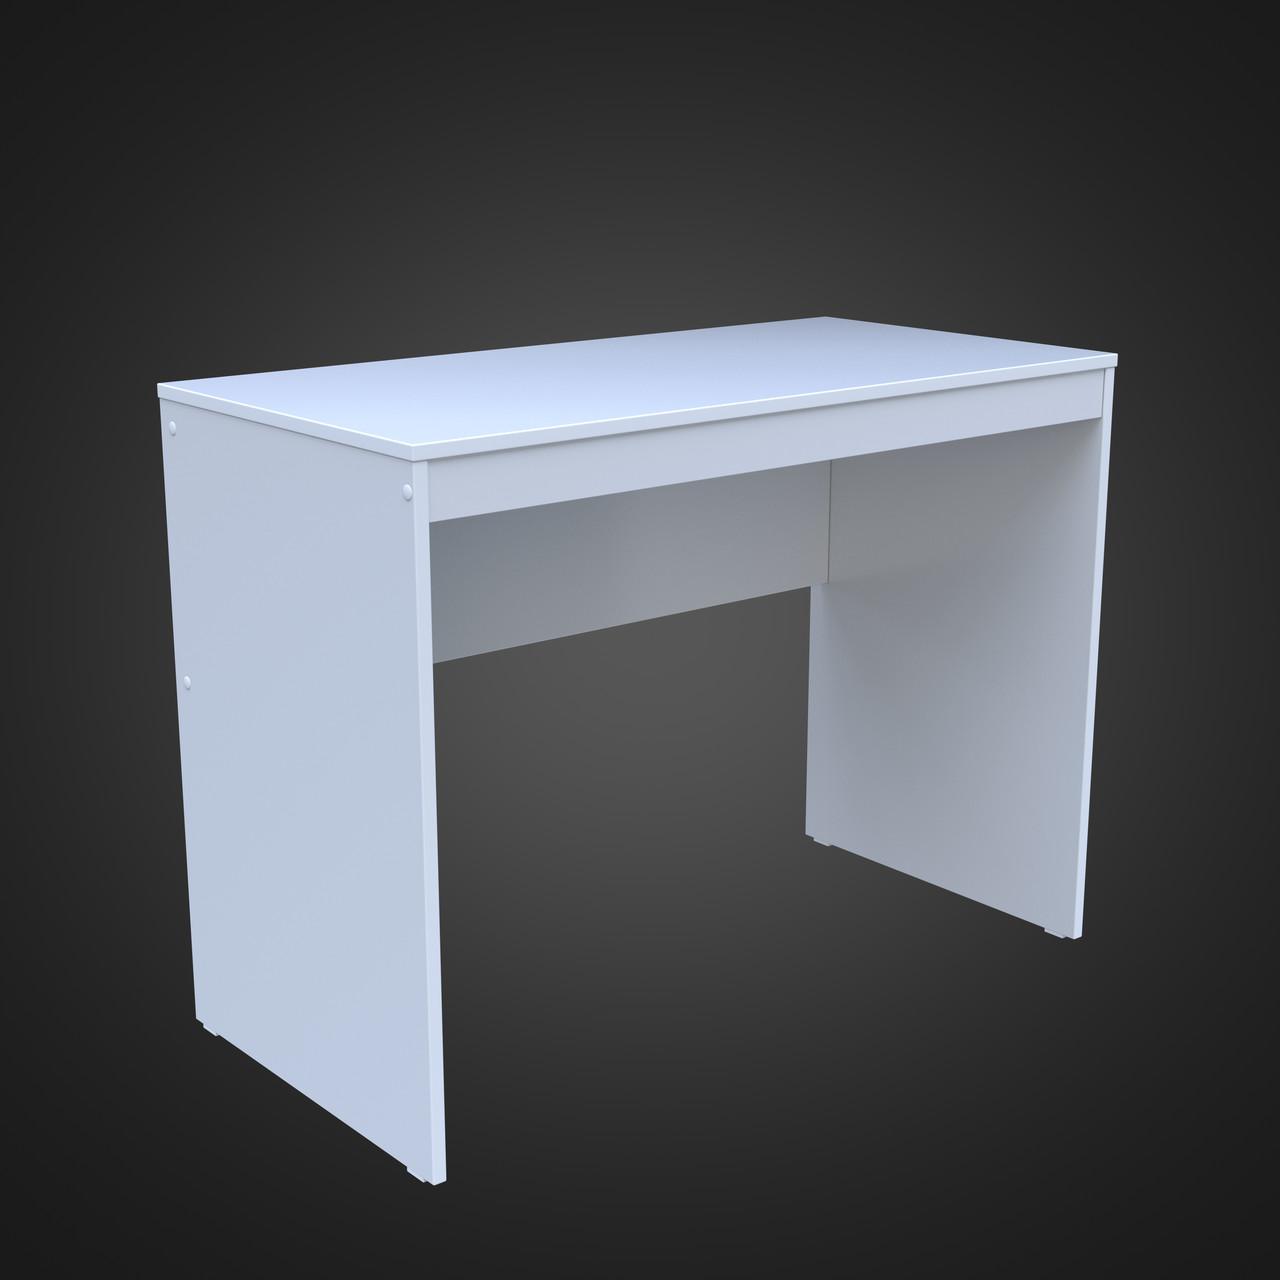 Стол для визажного зеркала 1000 мм   Стіл для визажного дзеркала 1000 мм